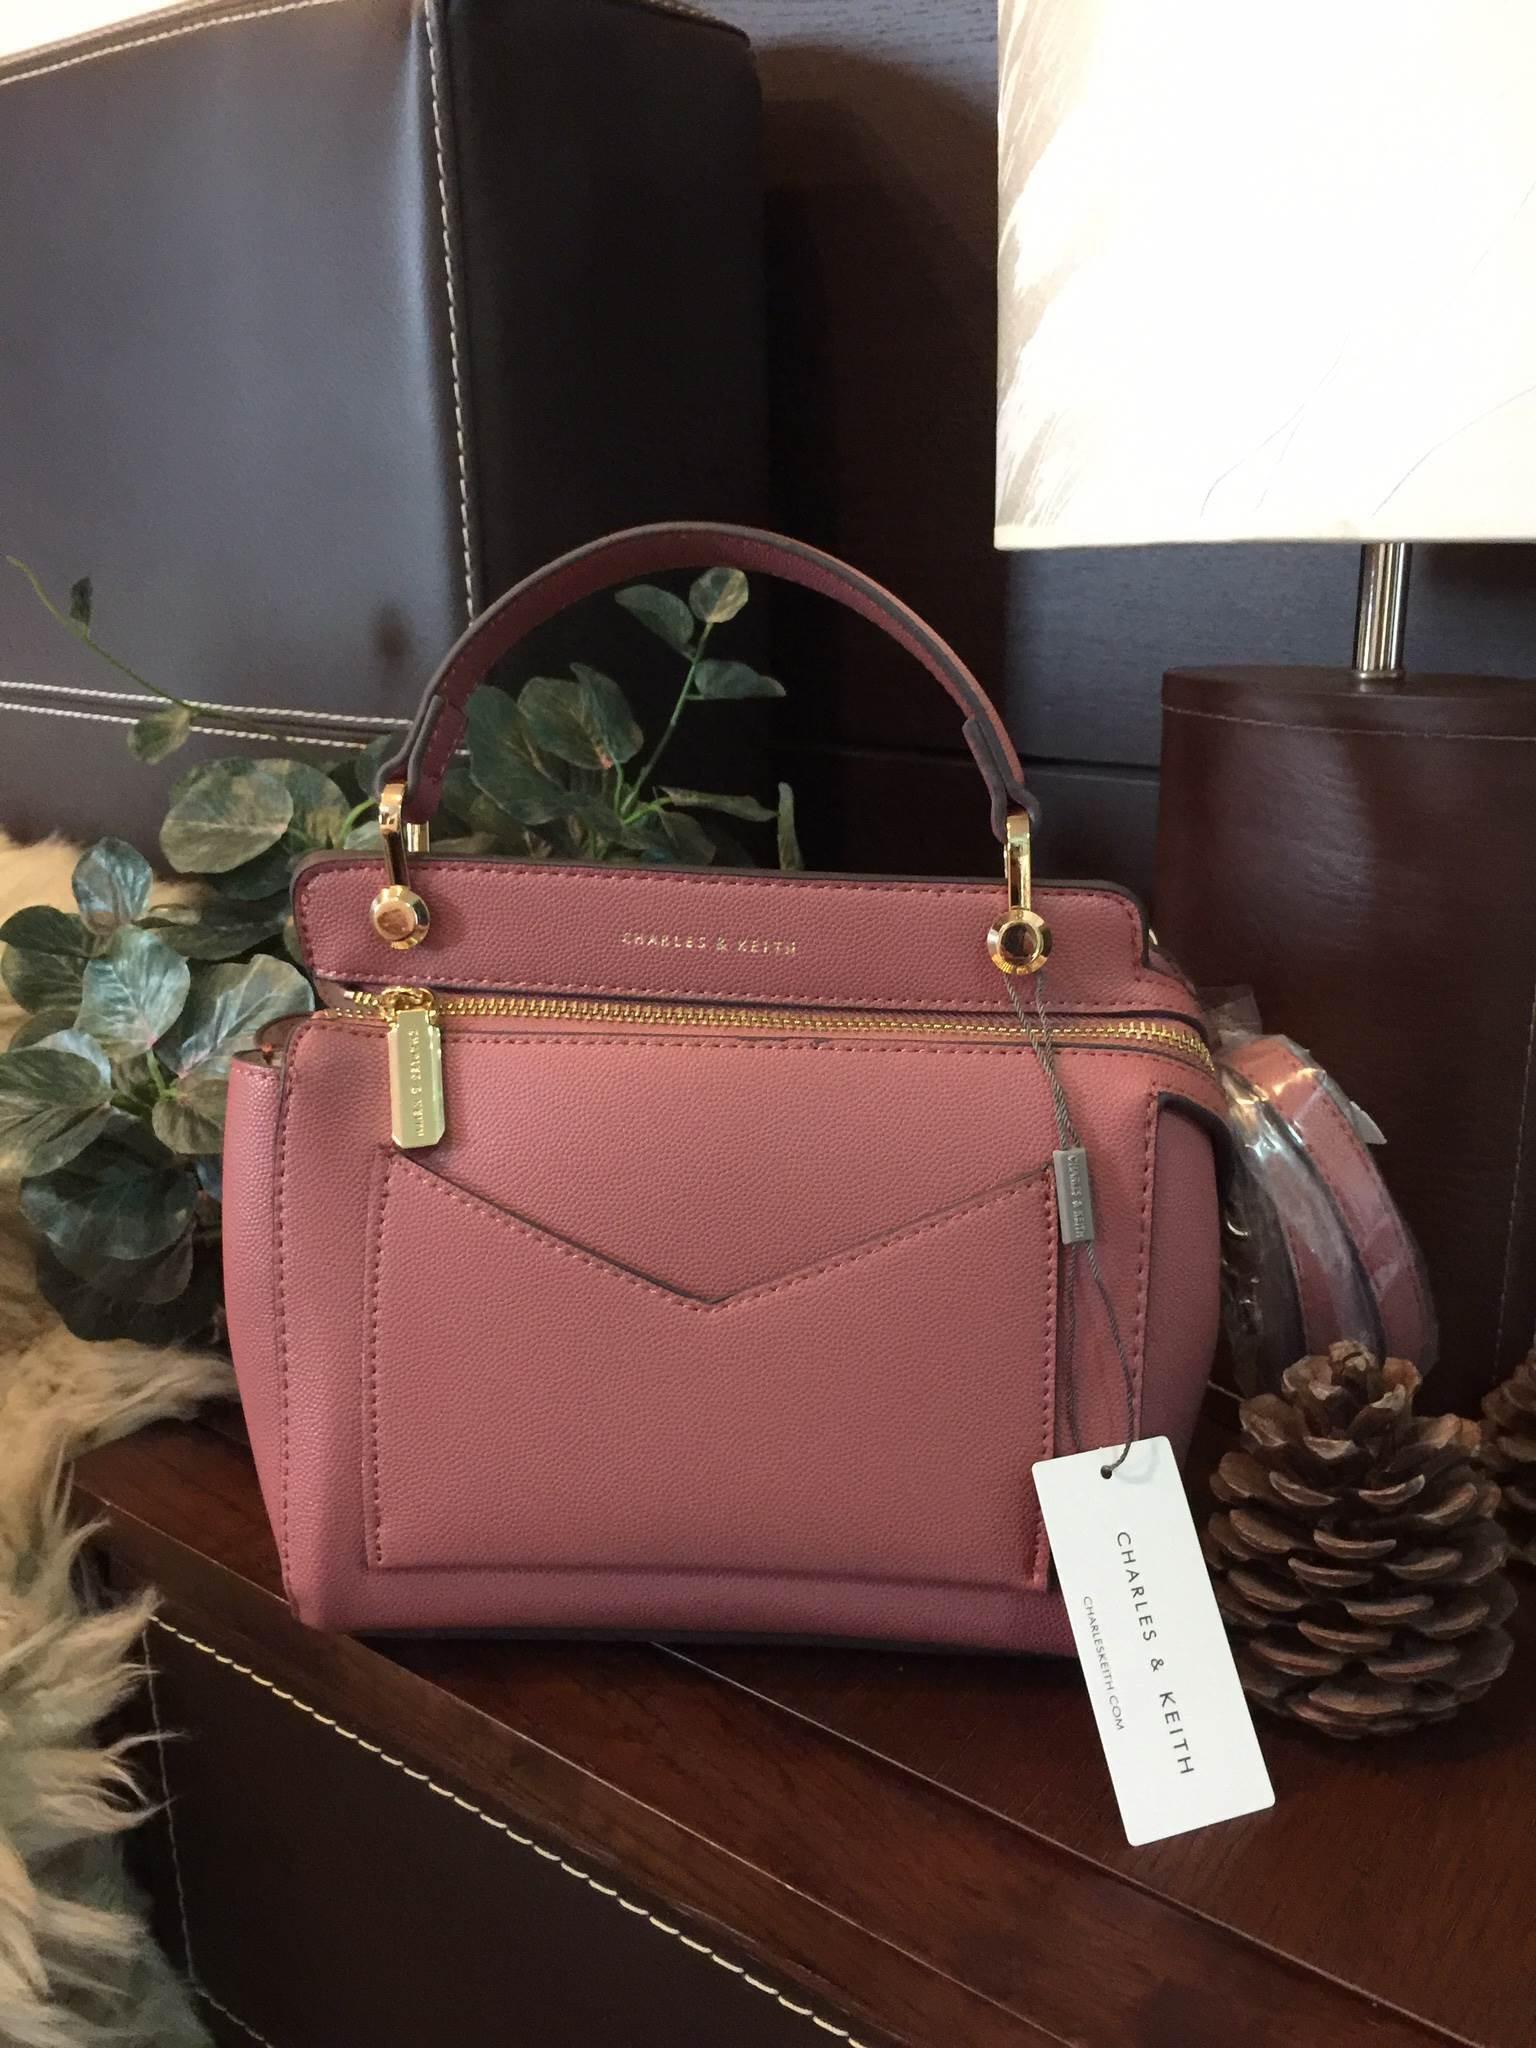 CHARLES & KEITH TOP HANDLE BAG (Size Mini)